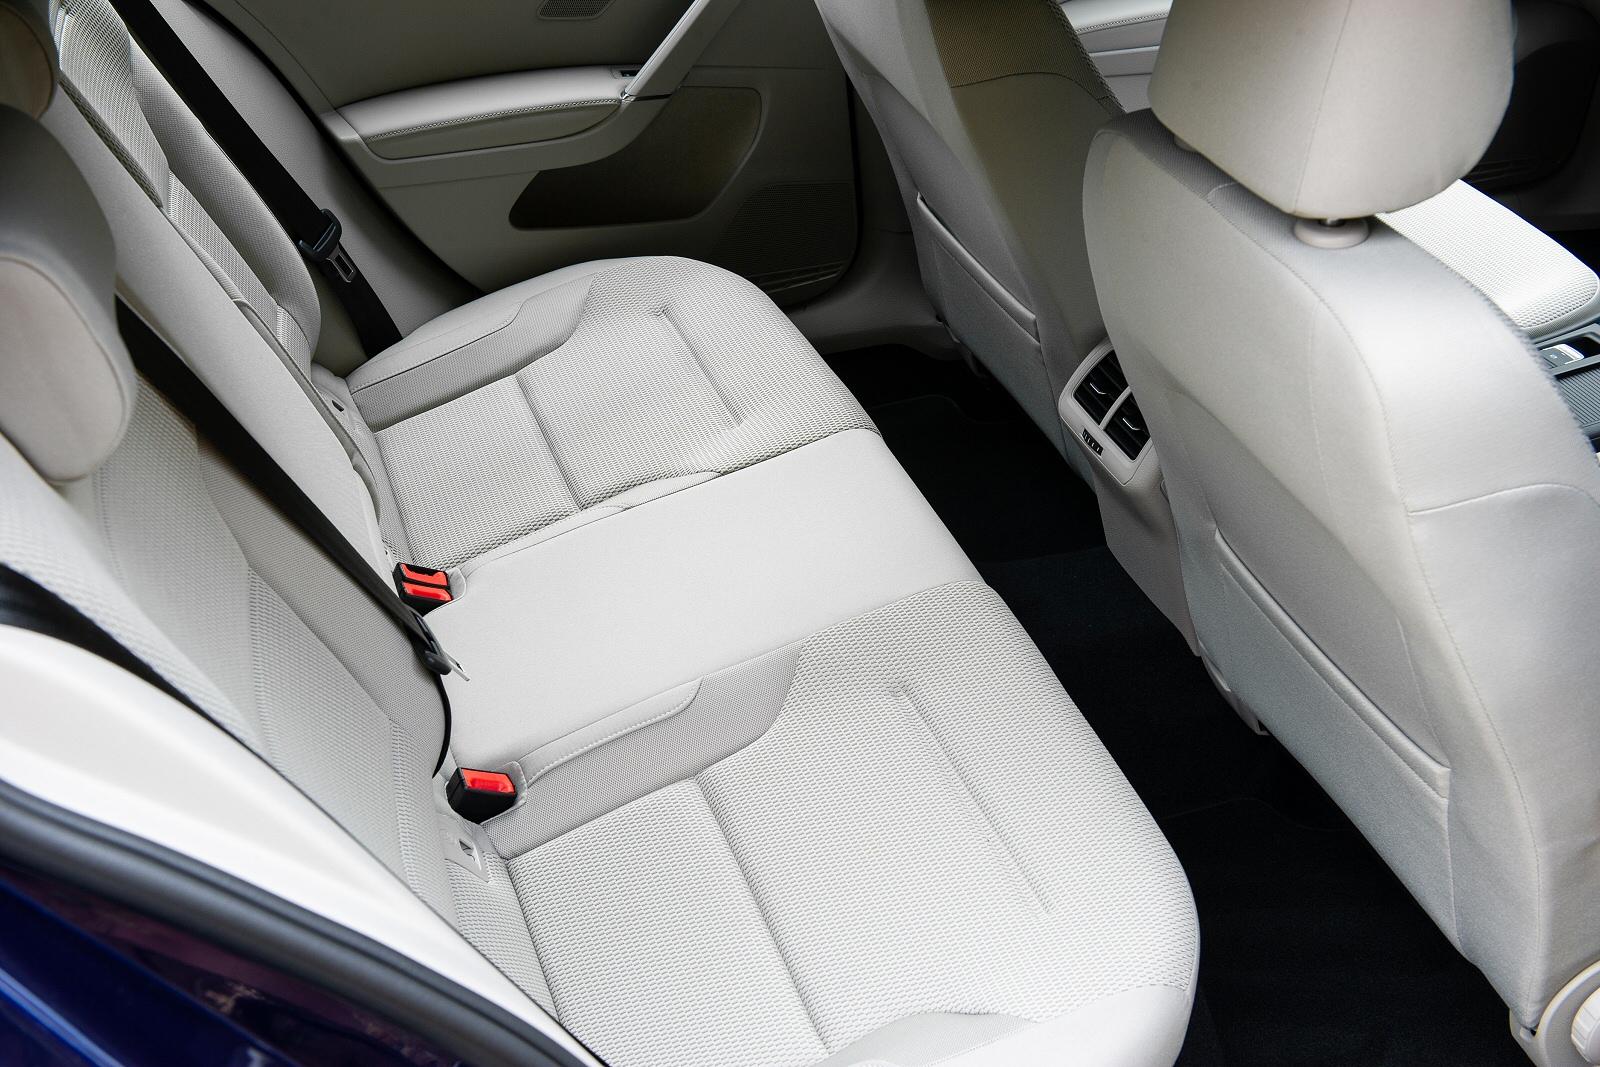 VolkswagenGolf0119Int(3)